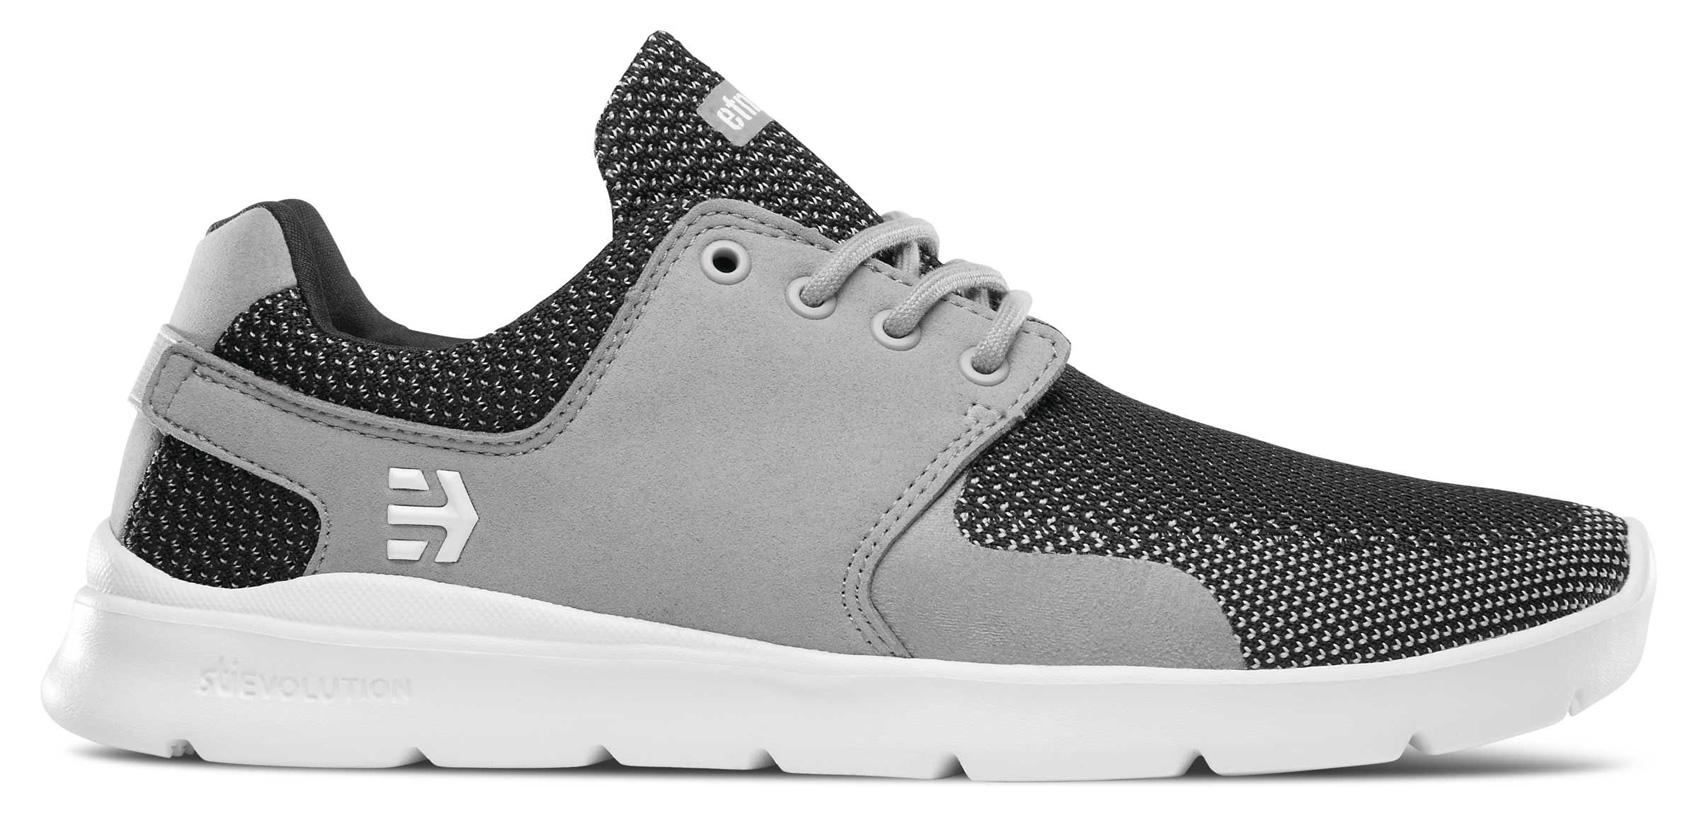 1305d5127c140b Etnies Scout XT Skate Shoe 2018 Grey Black Gum